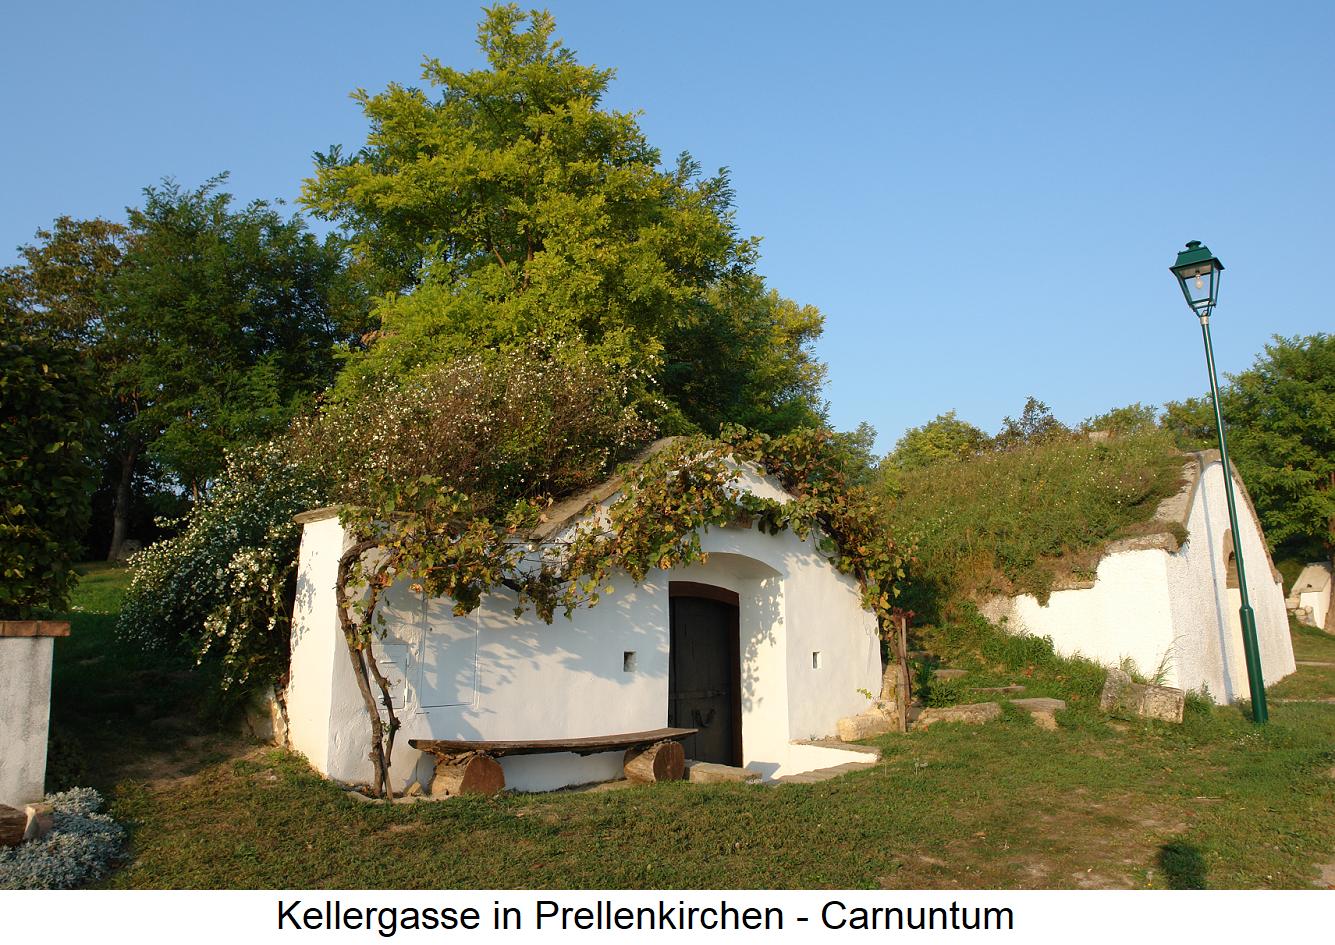 Kellergasse - Prellenkirchen in Carnuntum (Lower Austria)